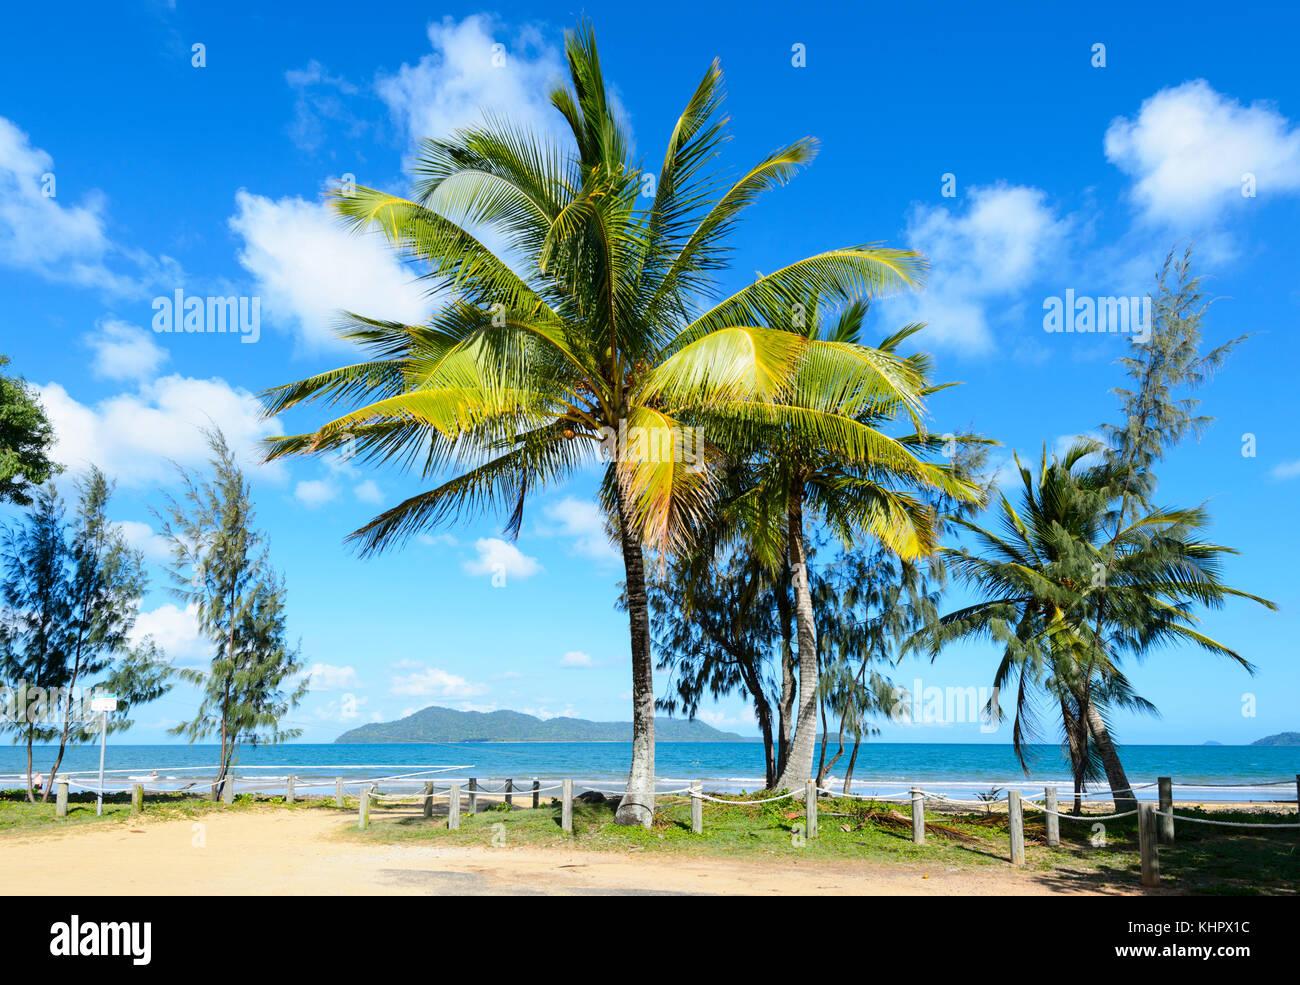 Anzeigen von exotischen palmengesäumten South Mission Beach auf der Coral Sea, Far North Queensland, FNQ, Australien Stockbild